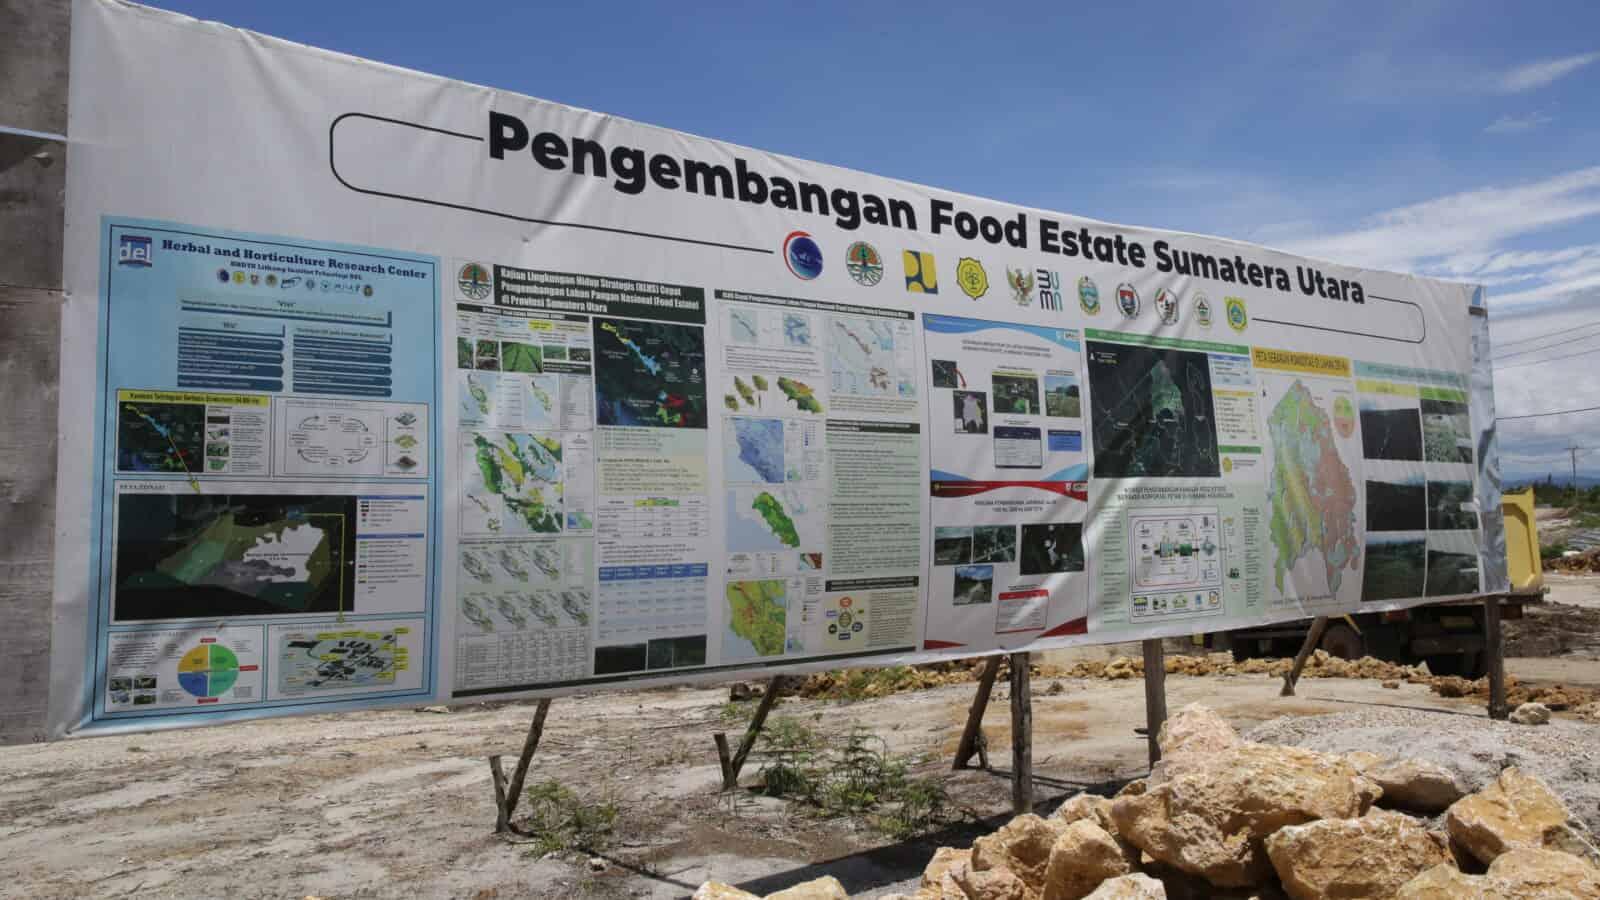 Adakan Tinjauan dan Evaluasi Pasca Panen Raya Perdana Food Estate Humbahas, Kemenko Marves Petakan Masalah untuk Usulkan Perbaikan dan Inovasi